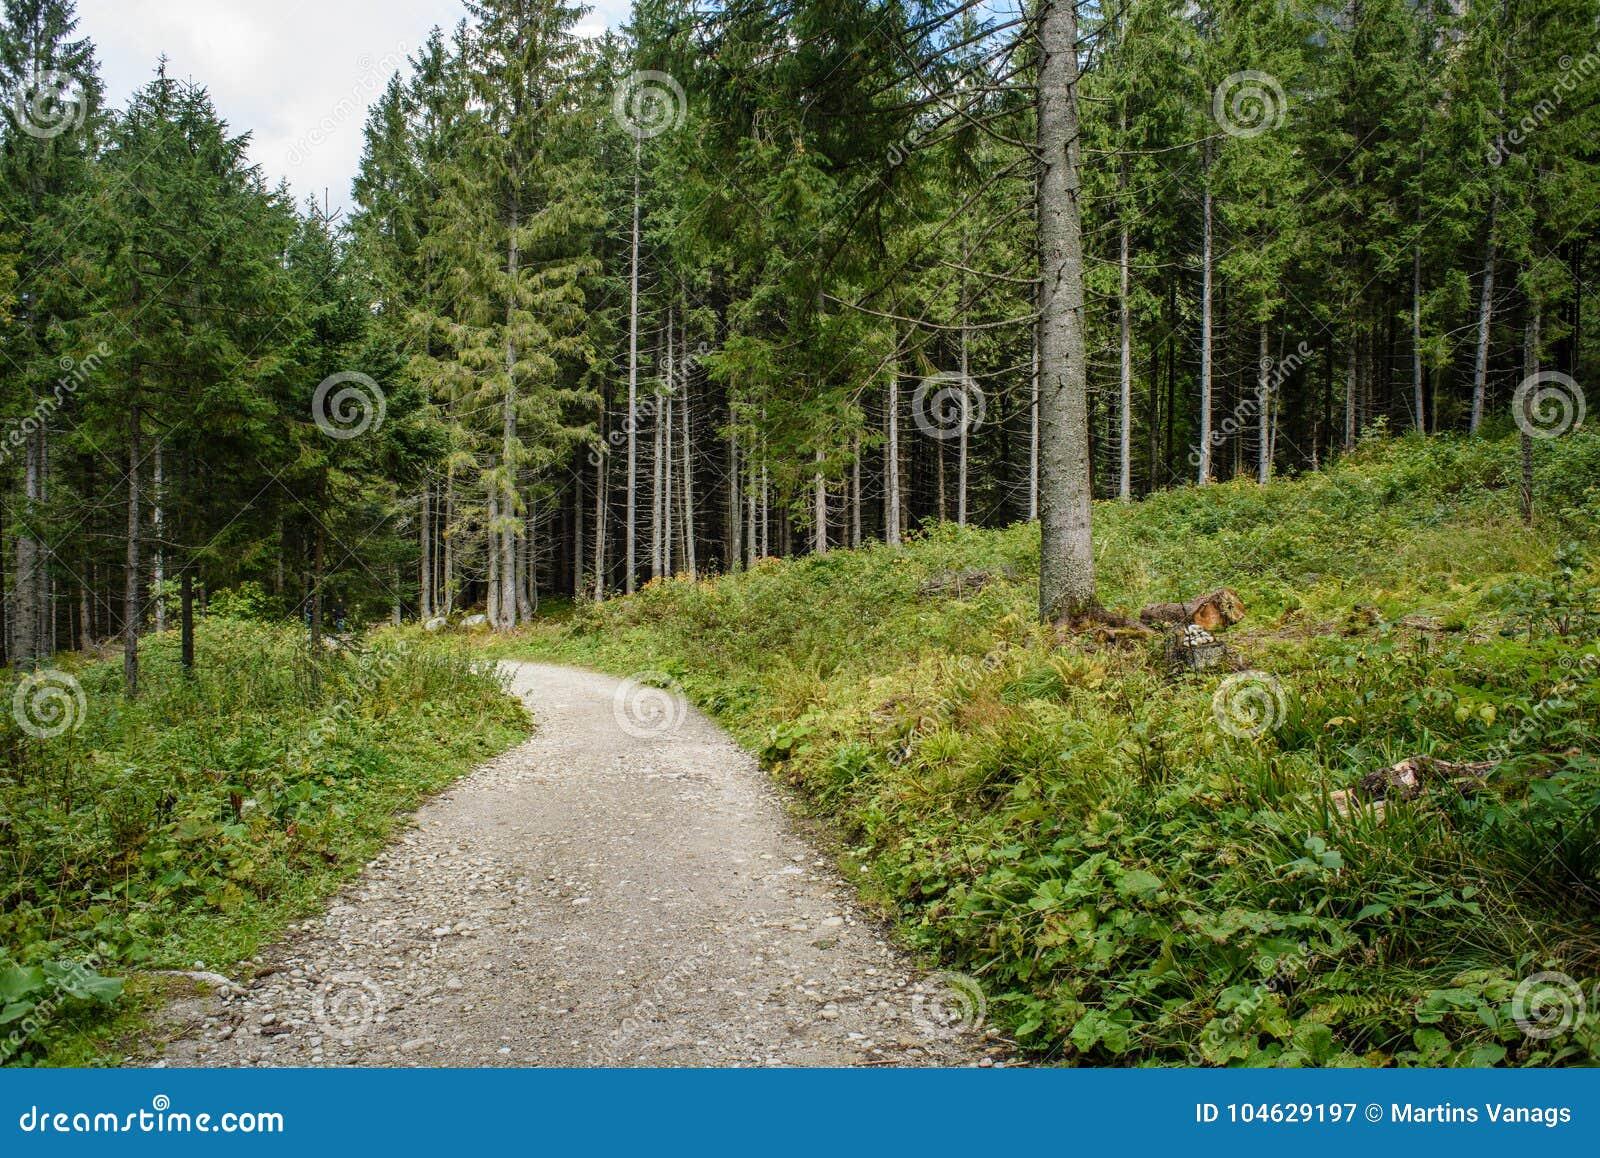 Download Lege Grintweg In Het Platteland In De Zomer Stock Afbeelding - Afbeelding bestaande uit boomstammen, bomen: 104629197